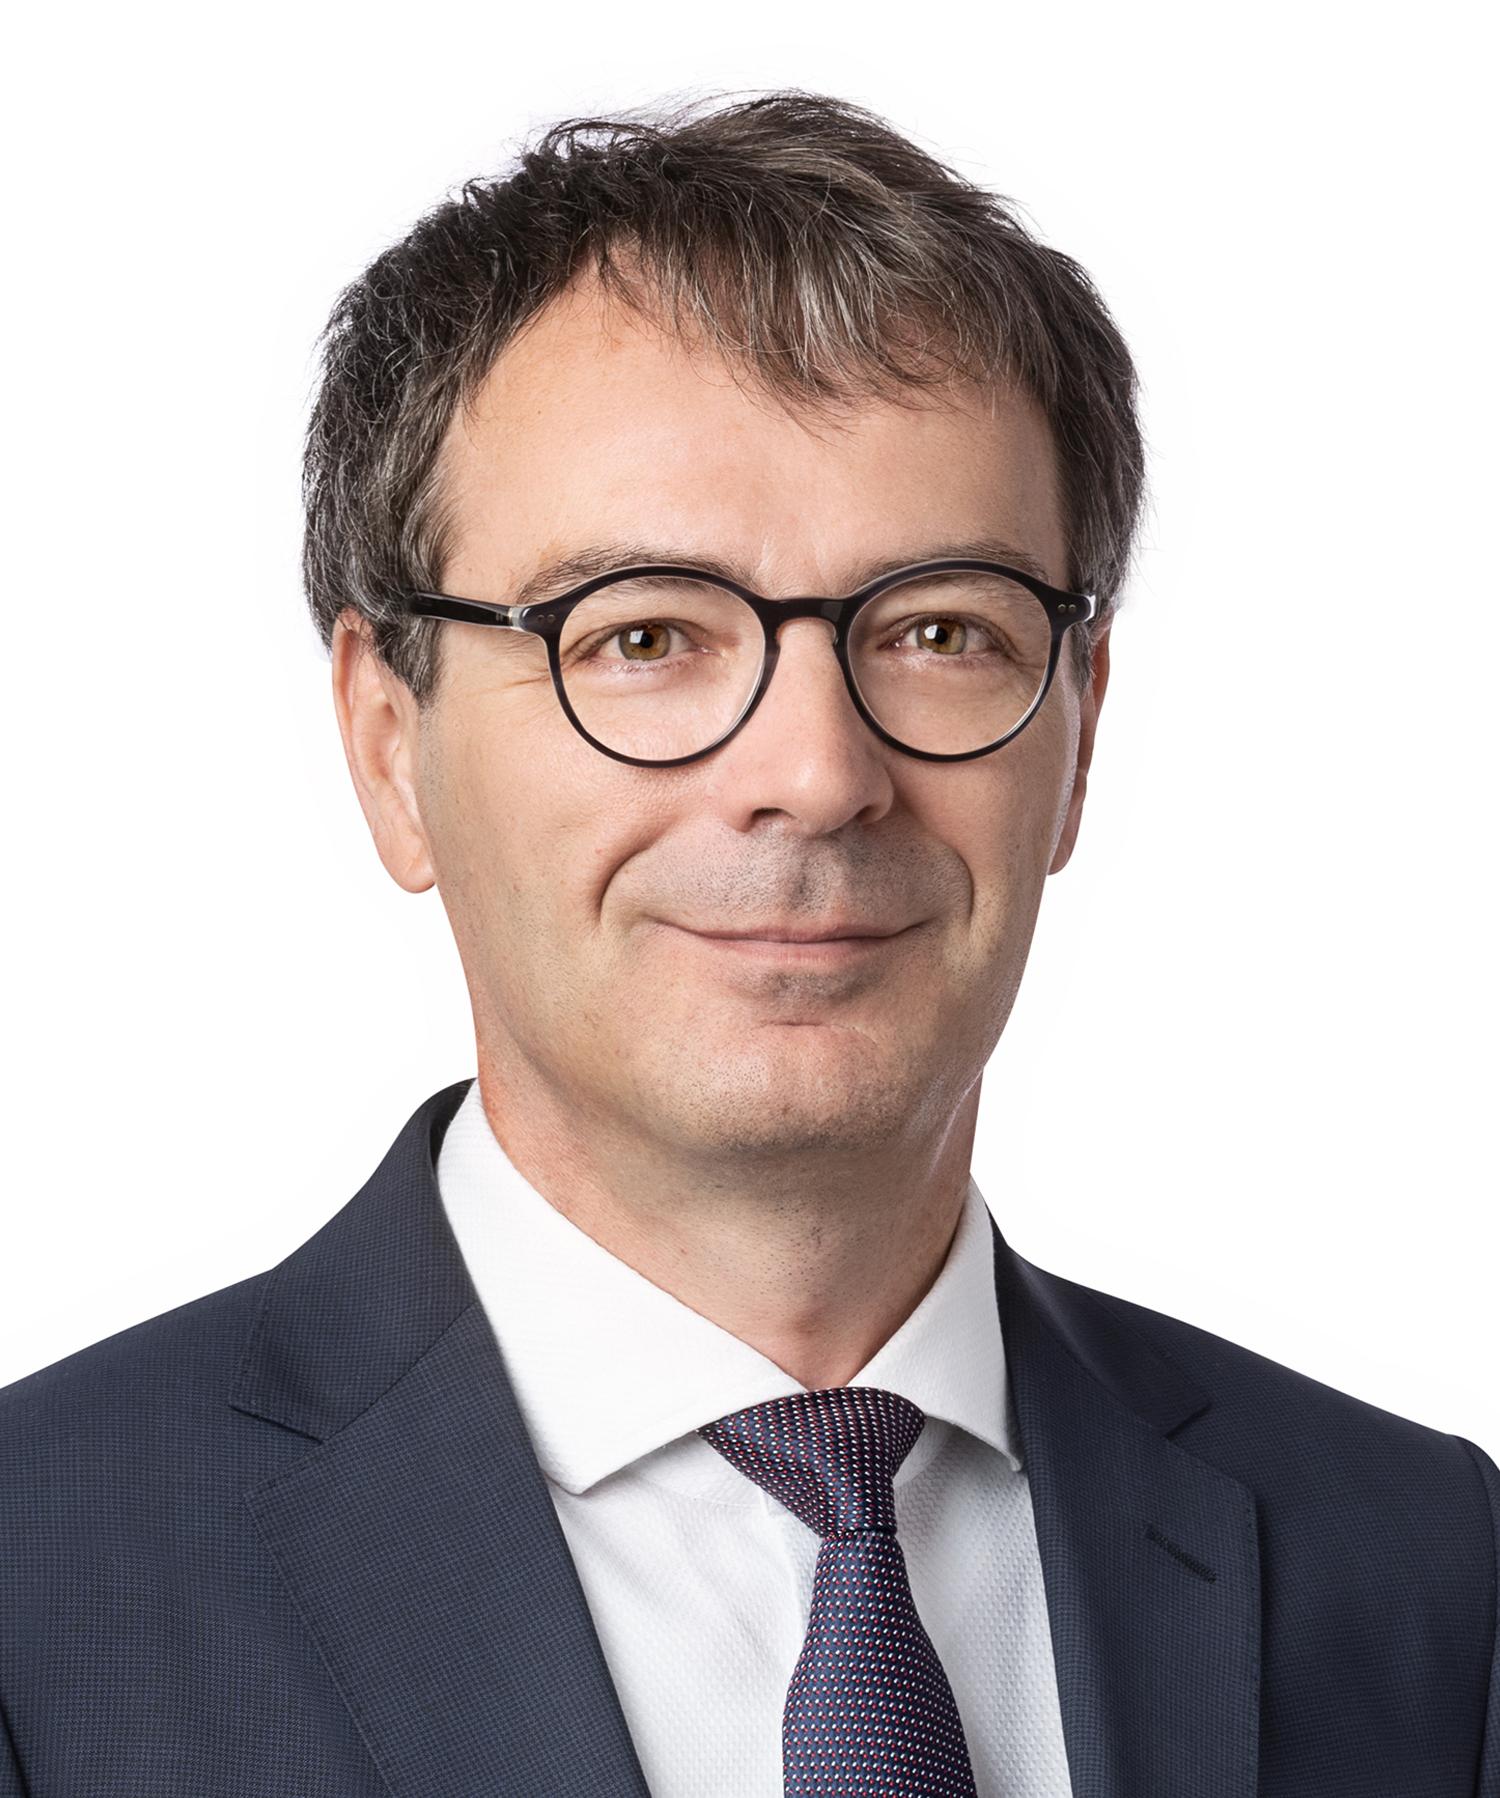 Emil Vidrascu